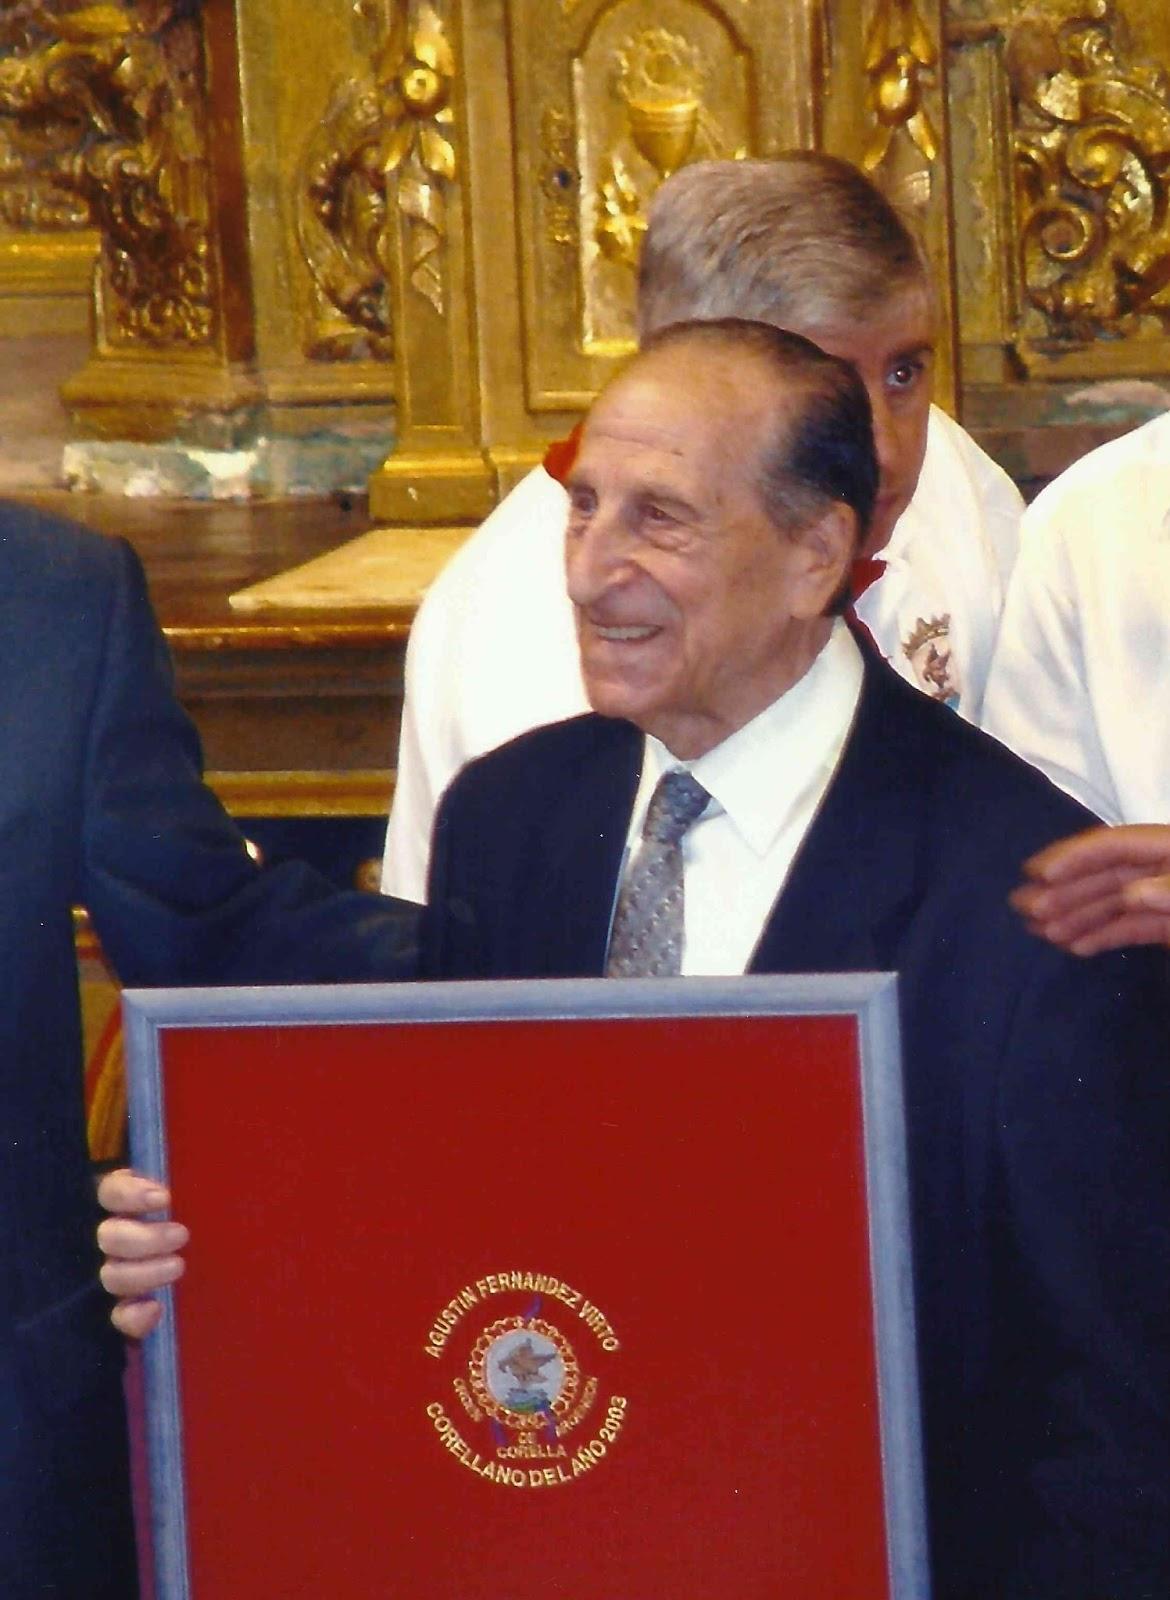 Agustín Fernández Virto